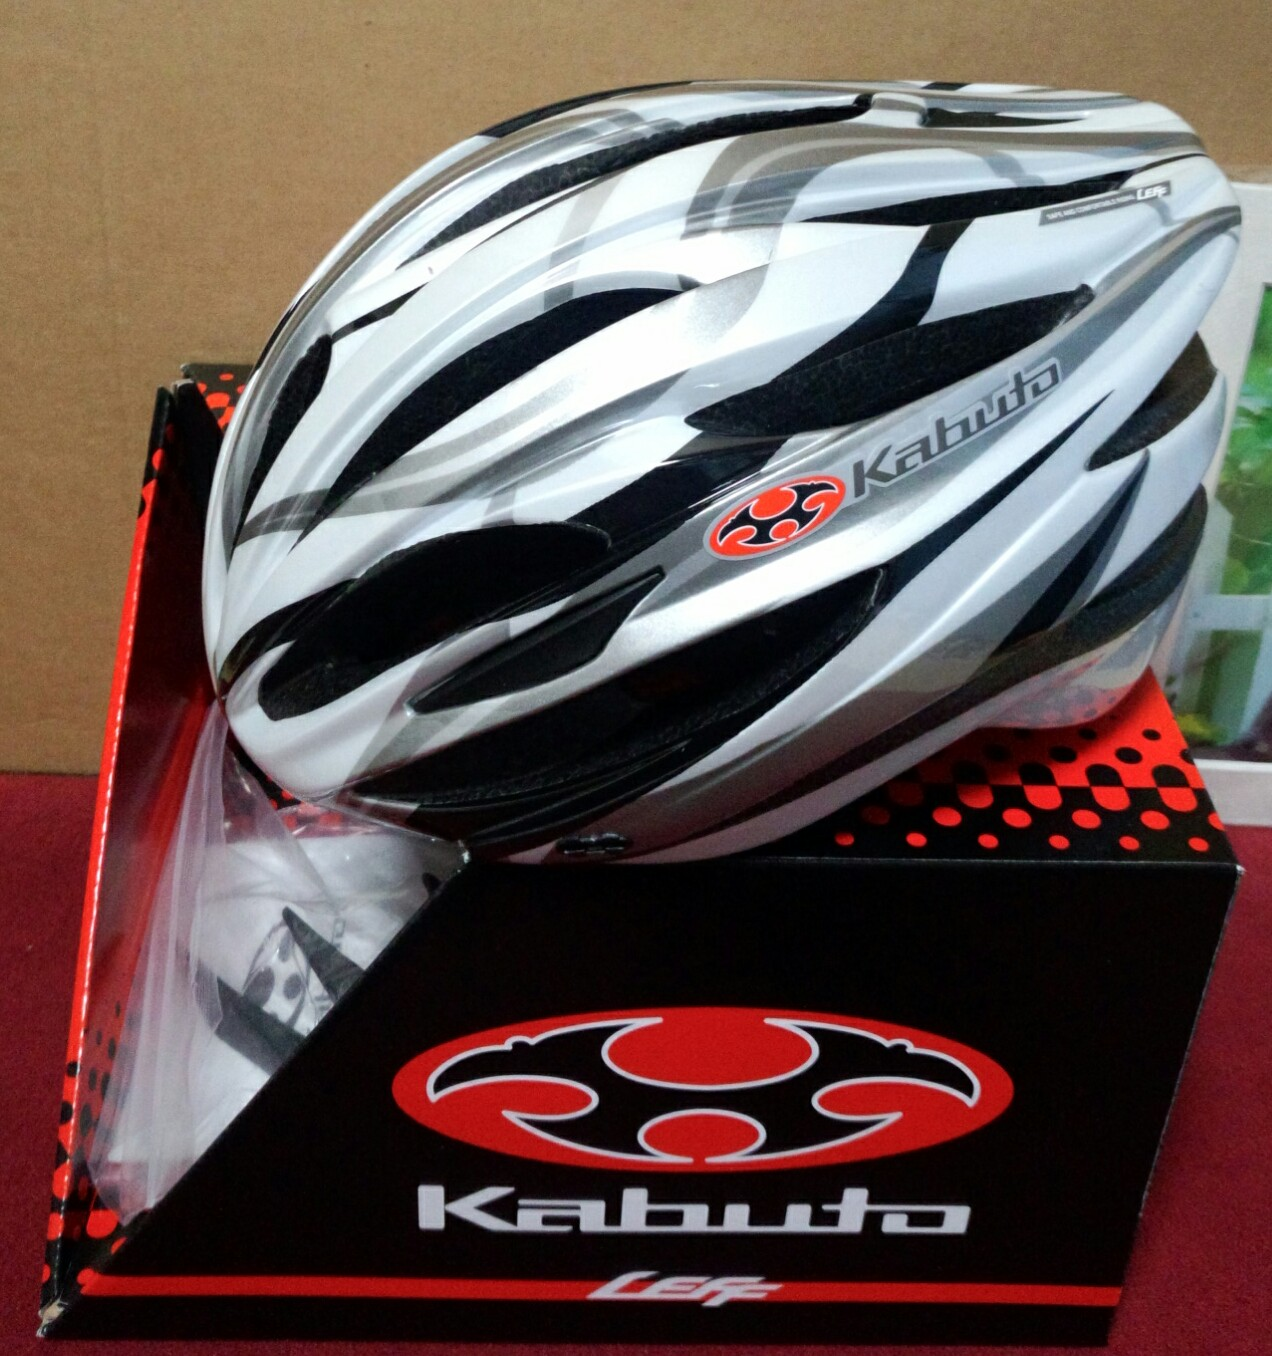 自転車用 自転車用ヘルメット ogk : 自転車用サイクルヘルメット ...